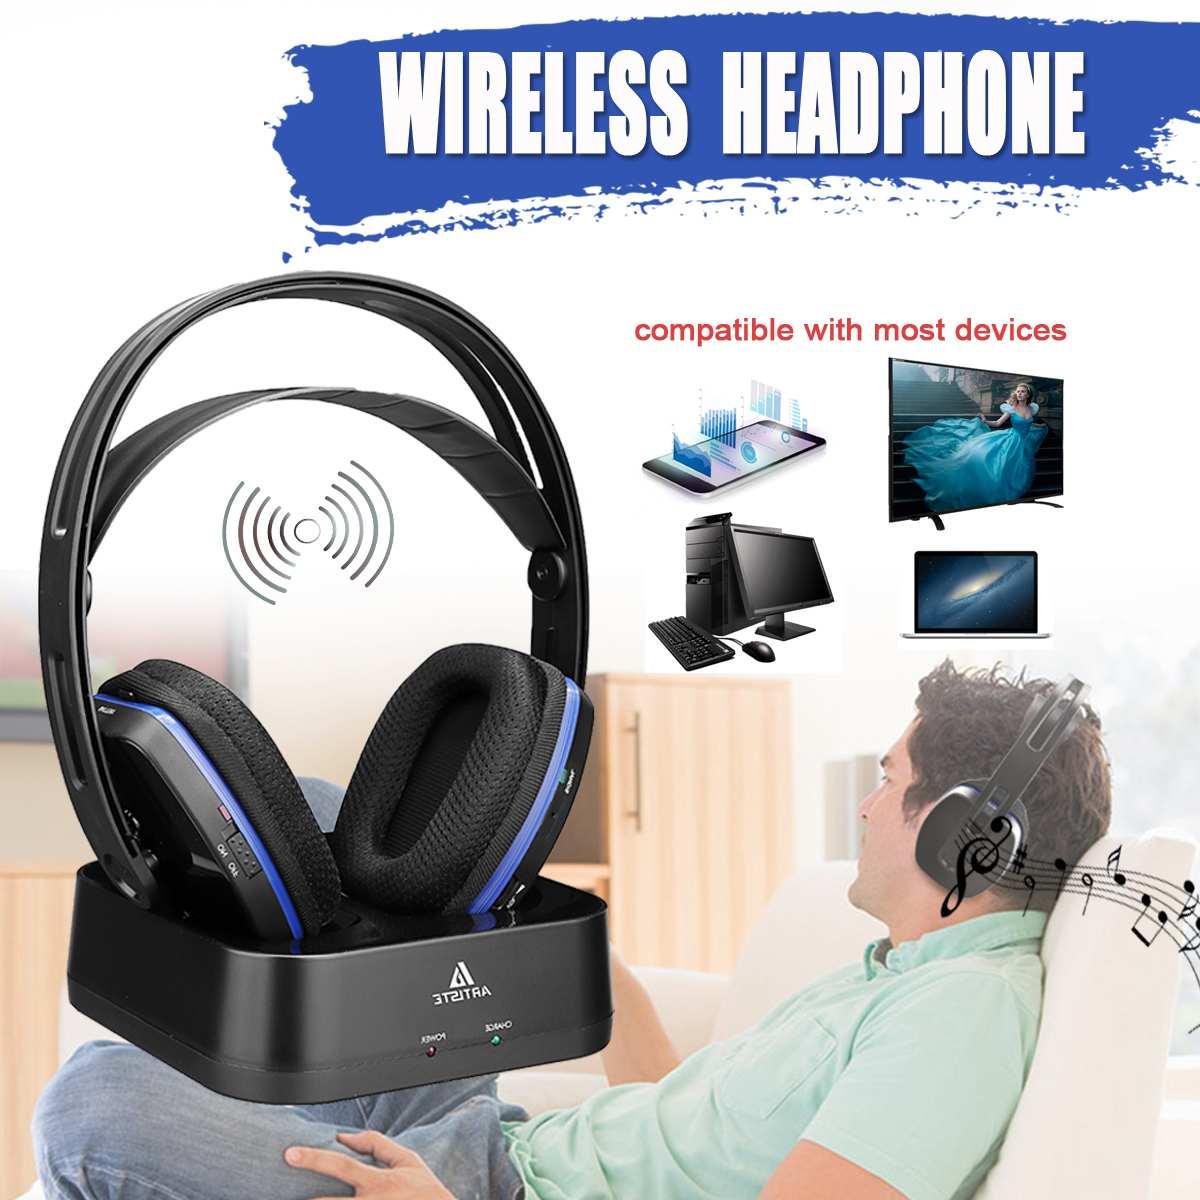 D2 2.4GHz sans fil HiFi bluetooth casque basse profonde sans fil TV casque avec émetteur Dock pour la musique de téléphone portable